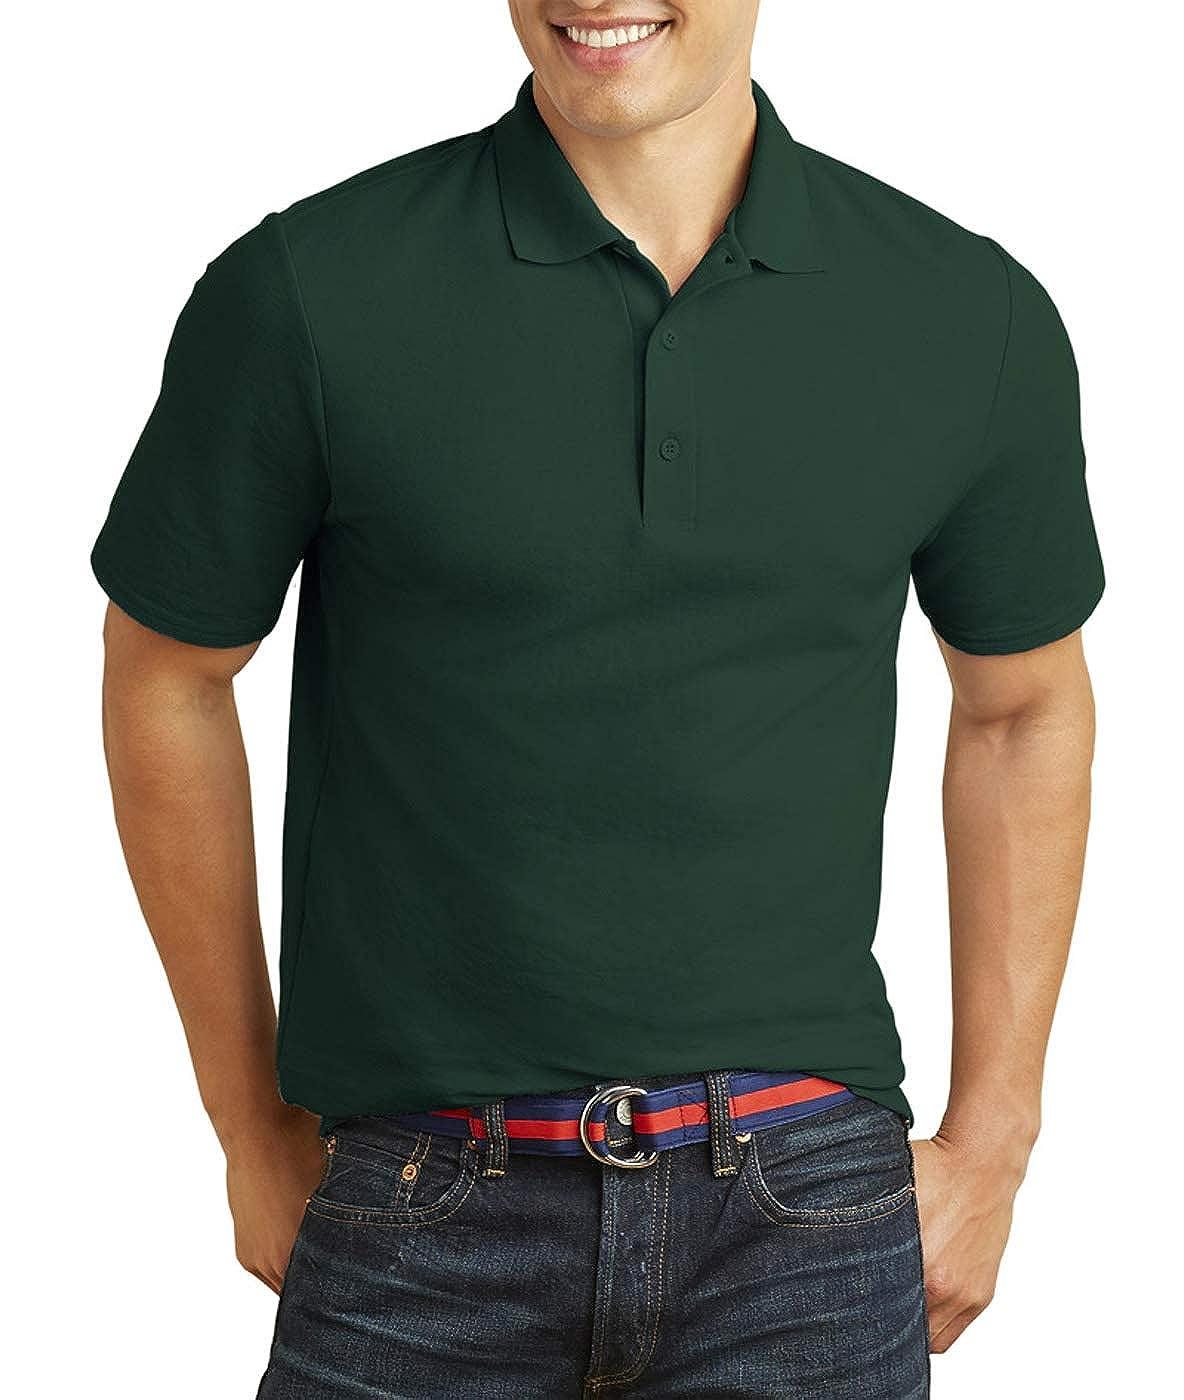 Double Piqu/é Sport Shirt Gildan Mens DryBlend 6.3 oz -FOREST GRE -XL-12PK G728